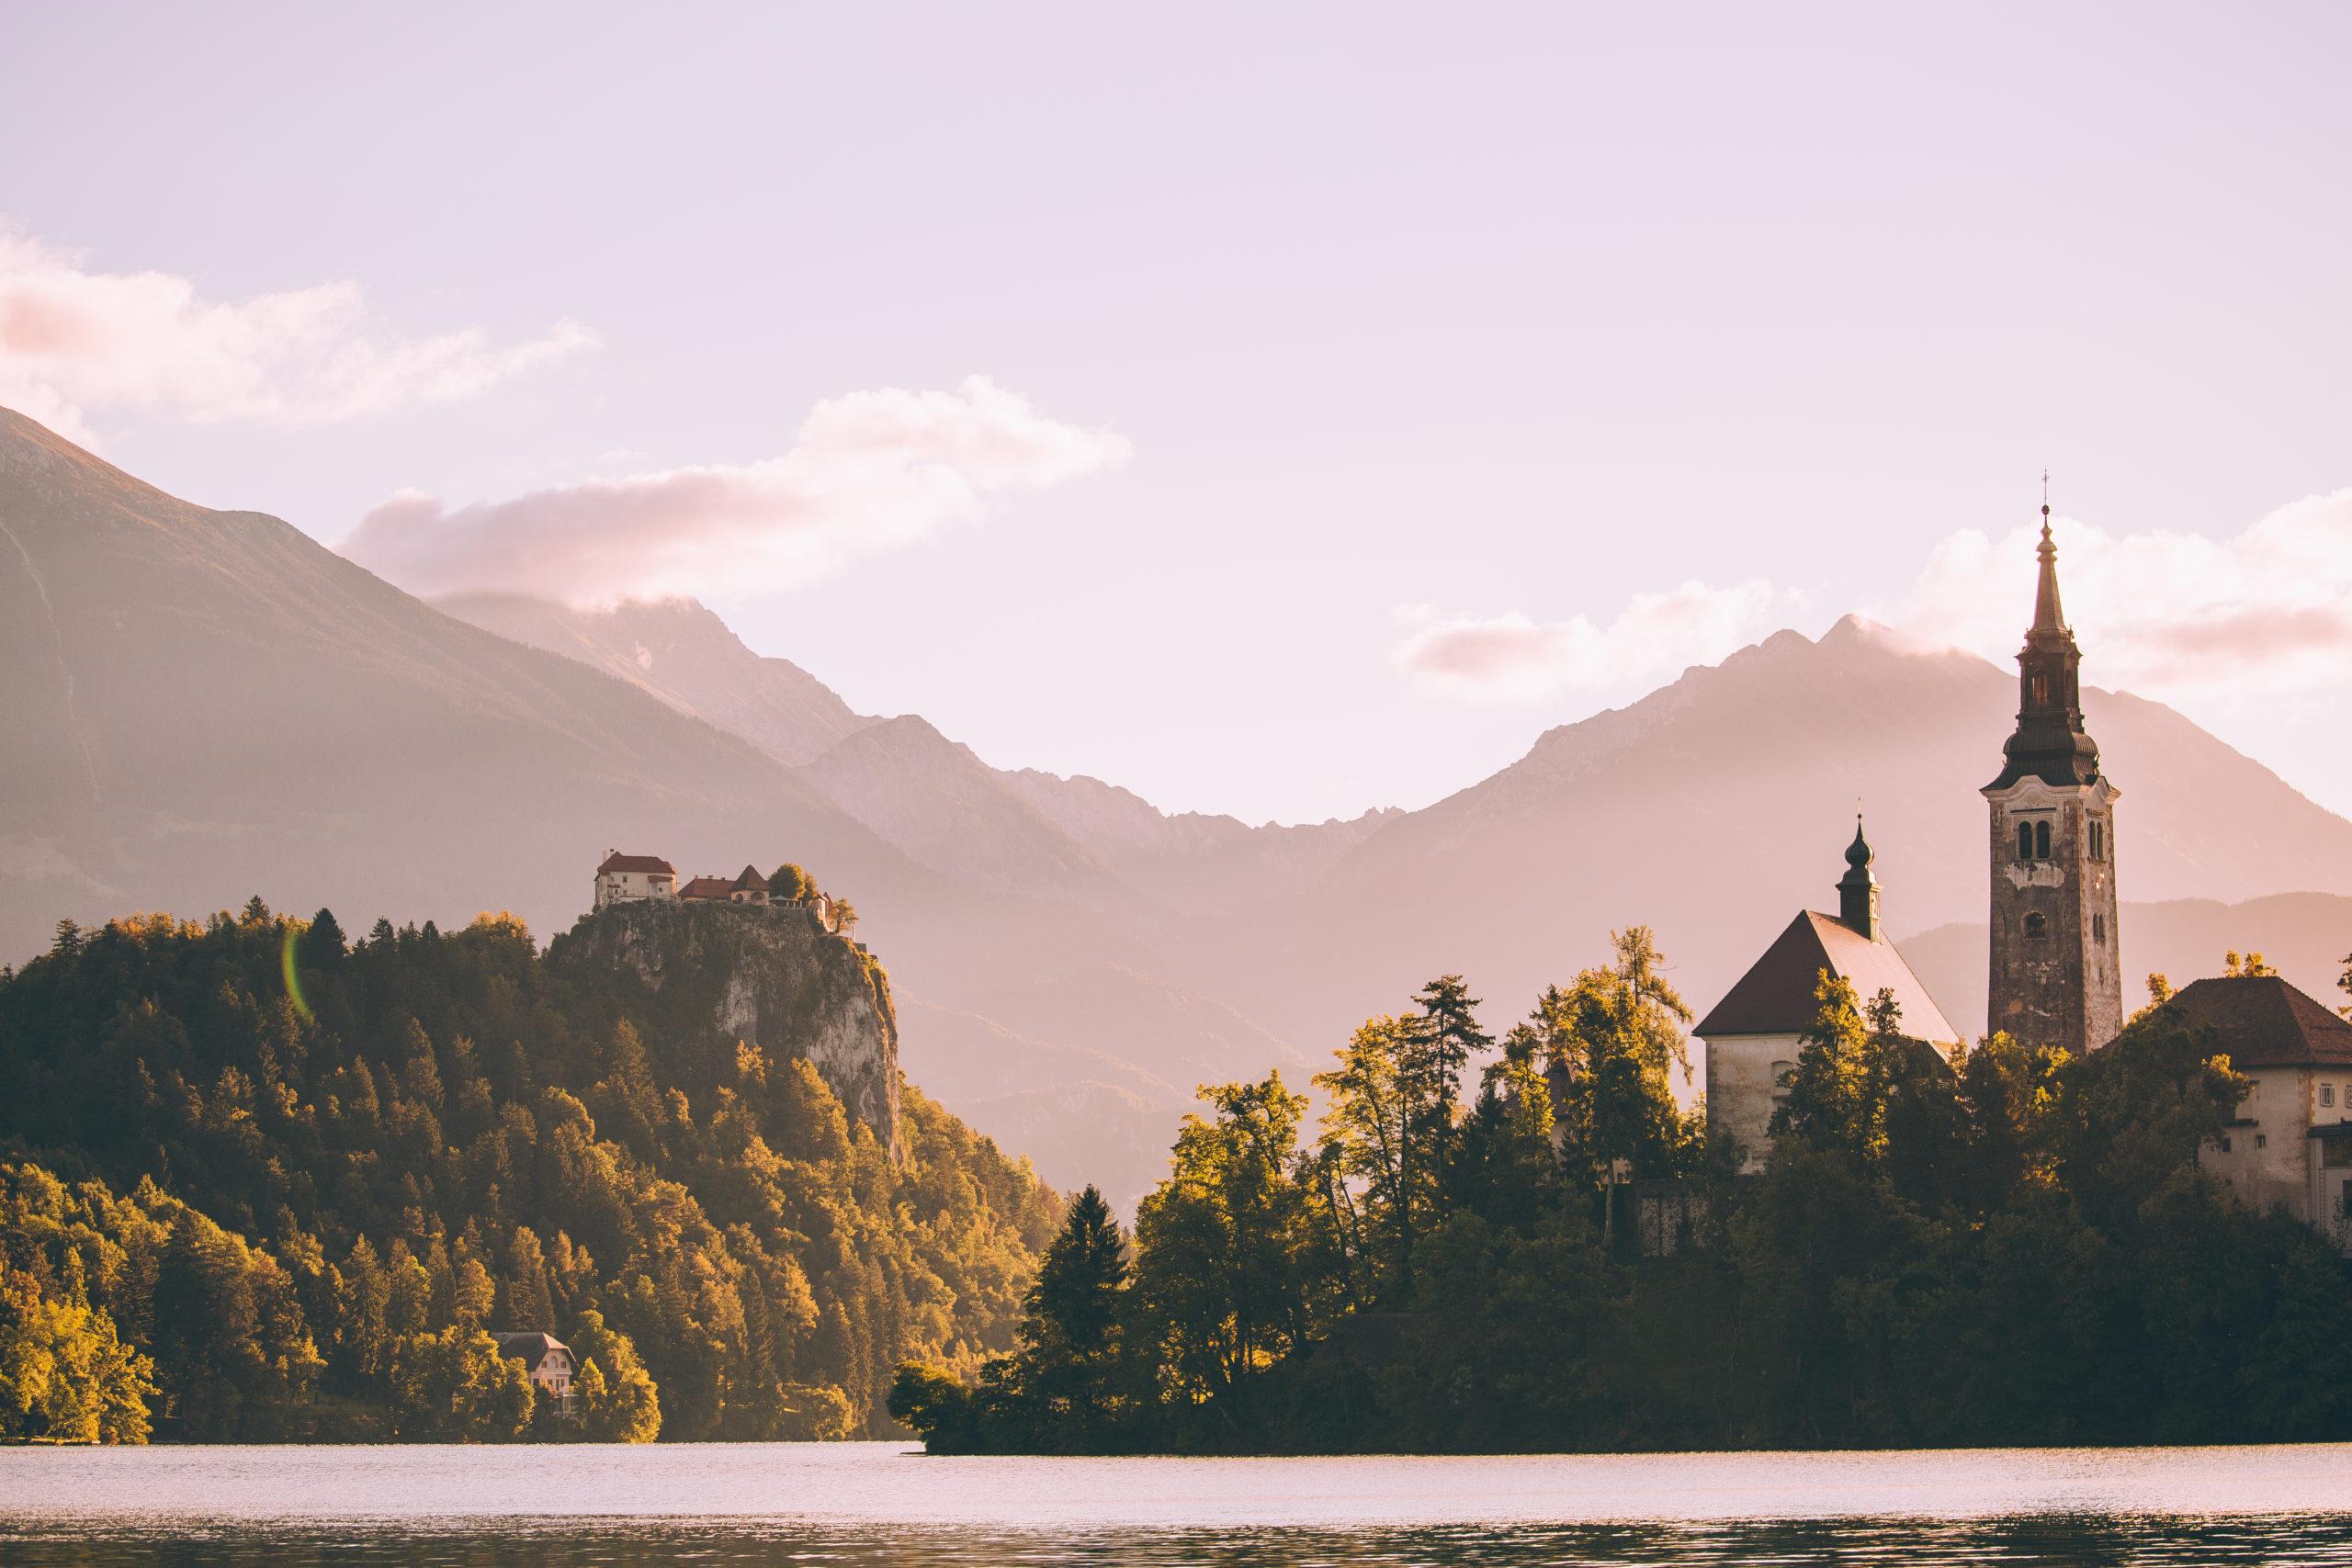 bled_slovenia-lake-church